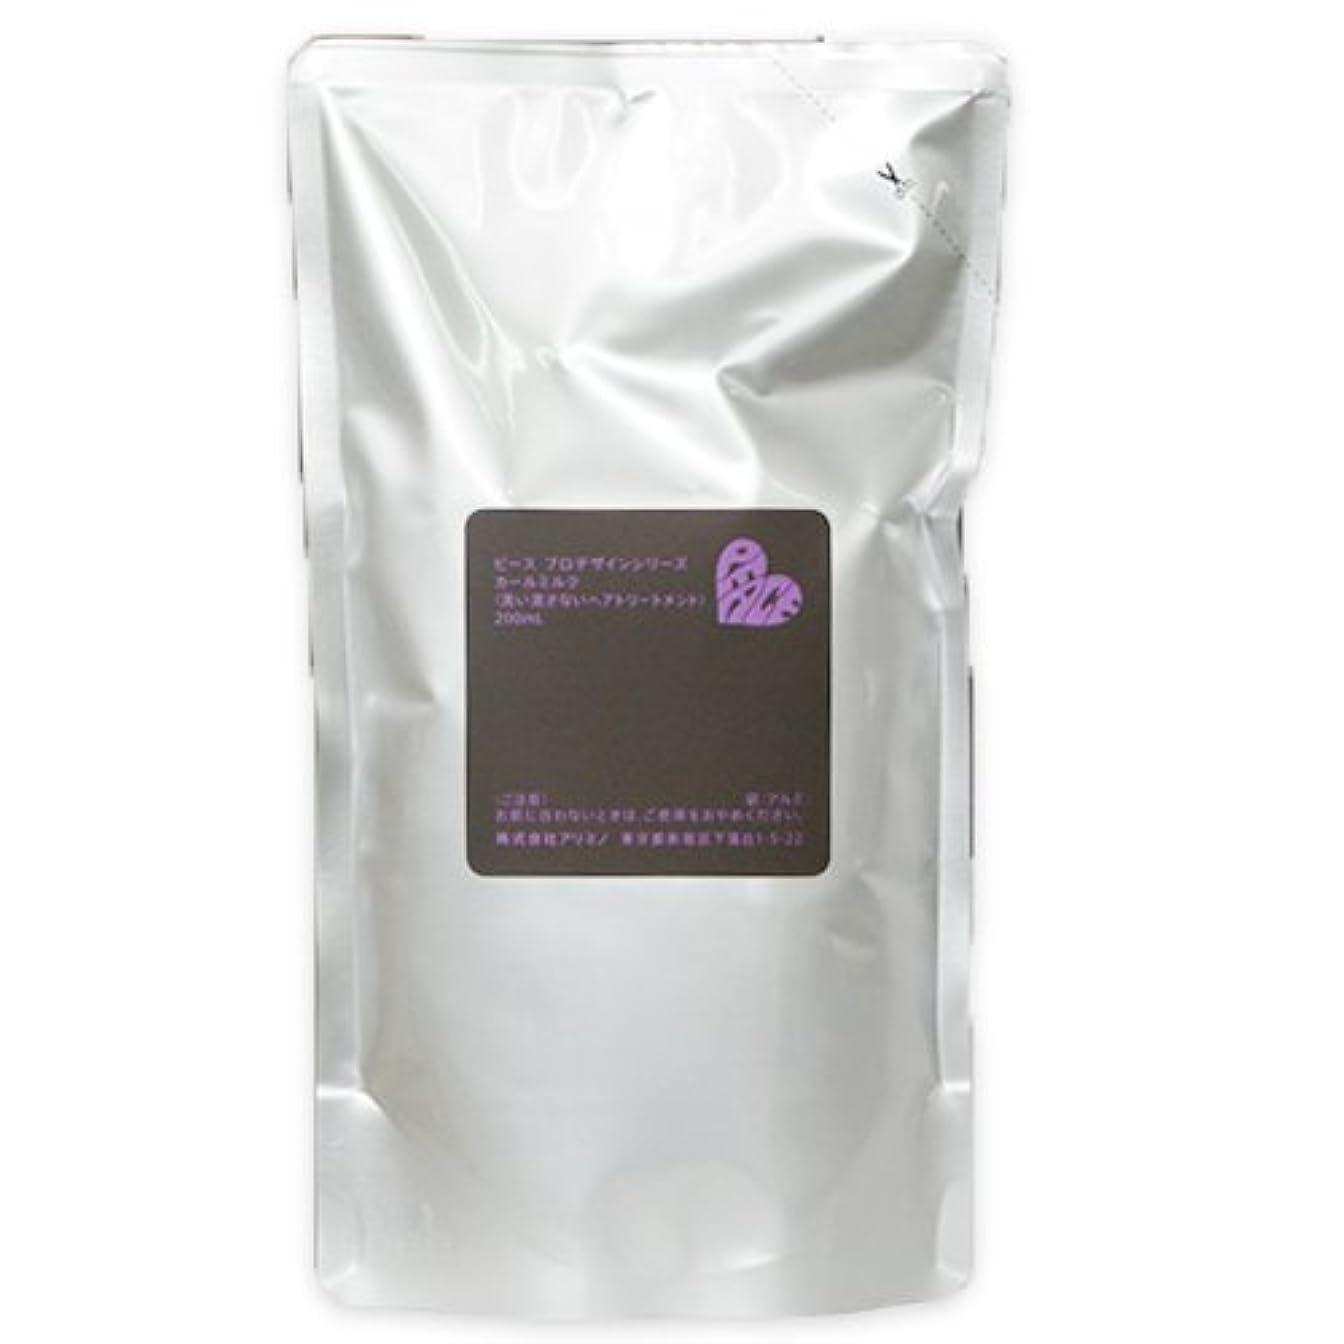 アリミノ ピース カールミルク チョコ 200mL 詰め替え リフィル